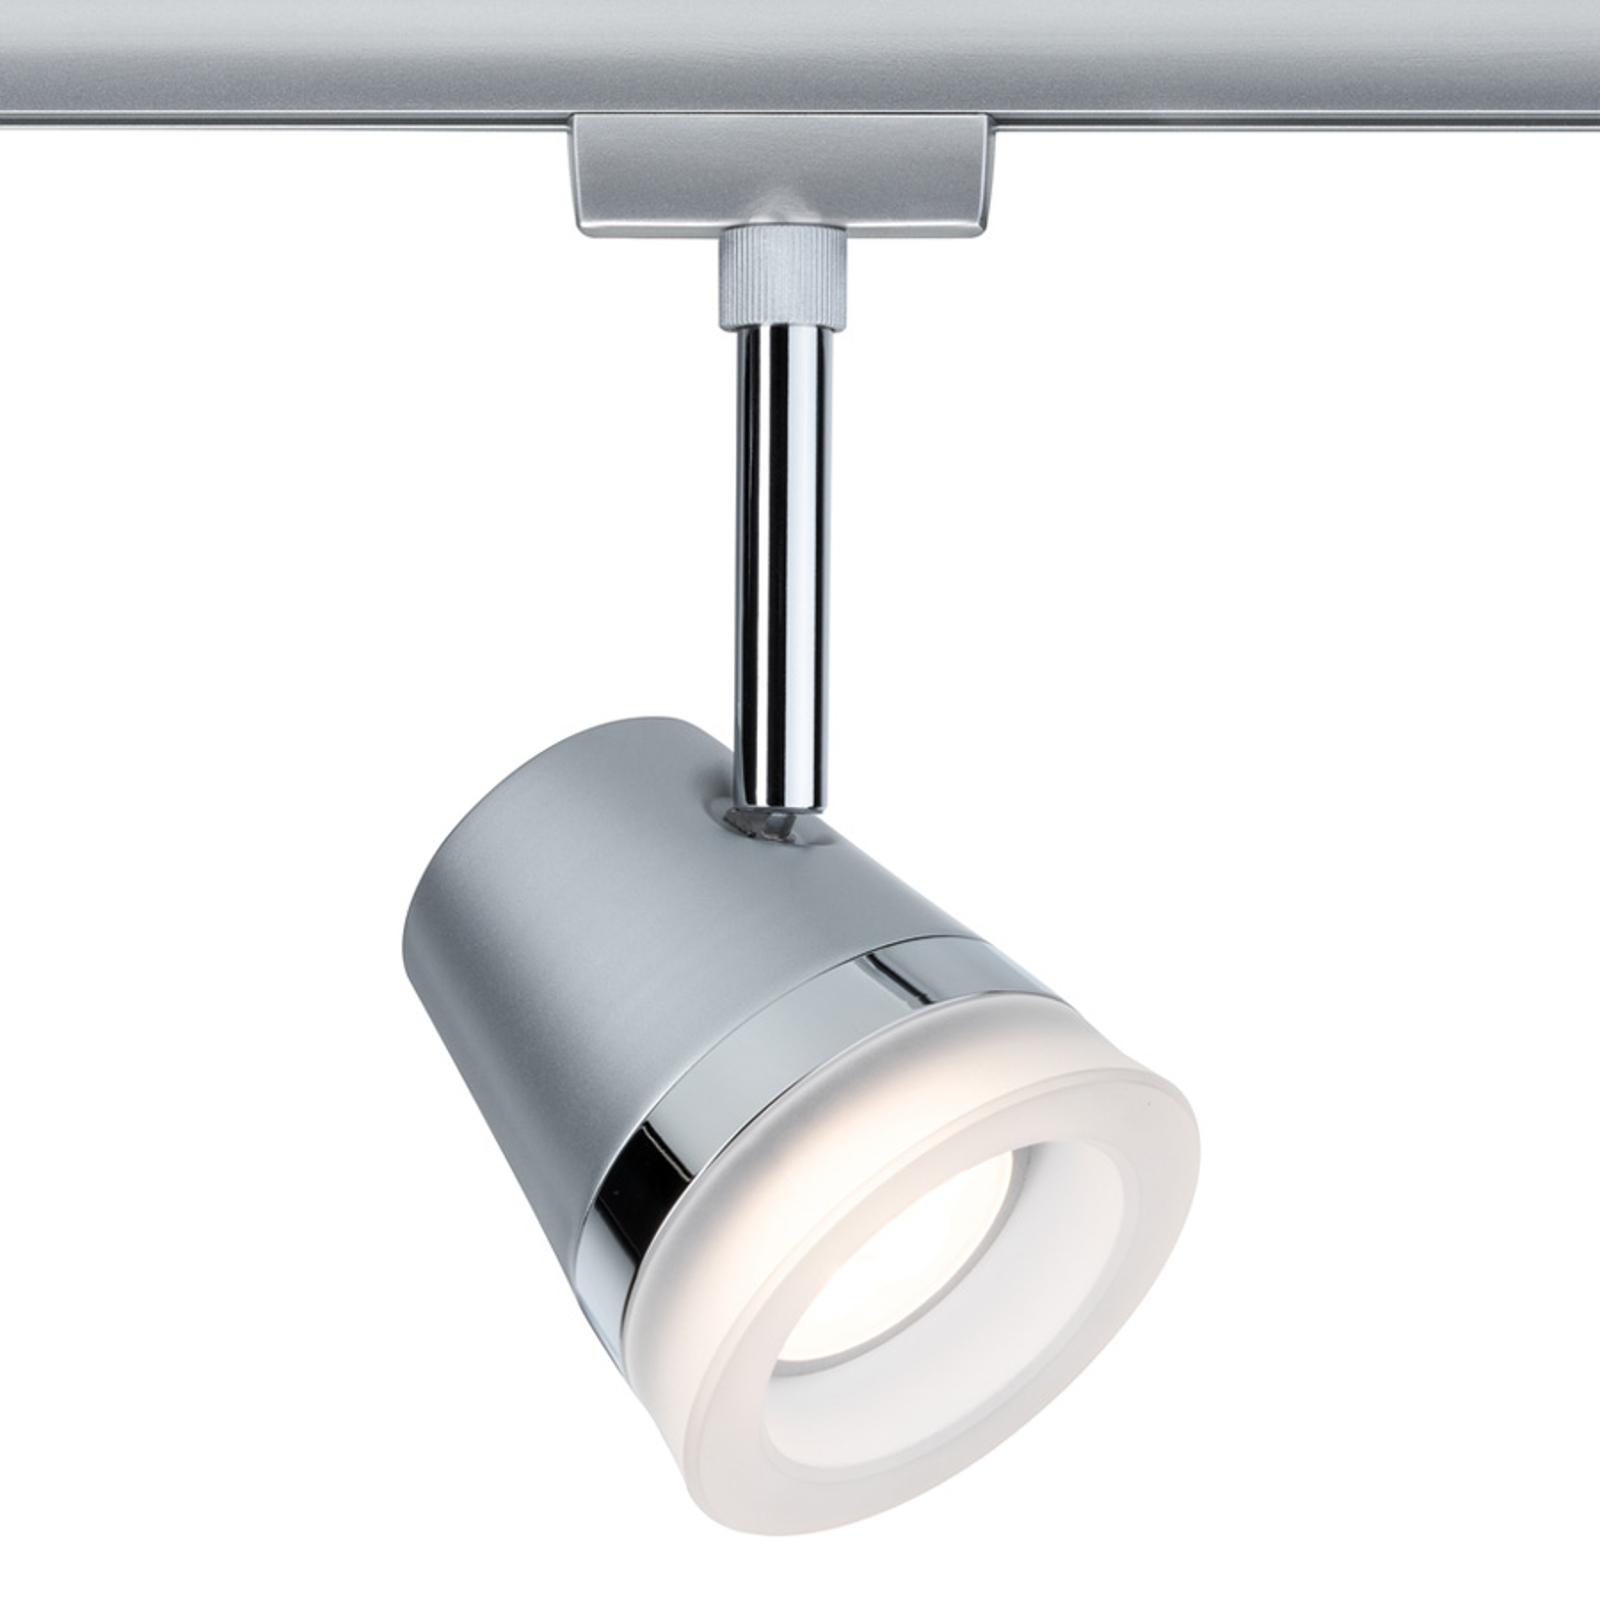 Paulmann URail Cone faretto LED cromo opaco